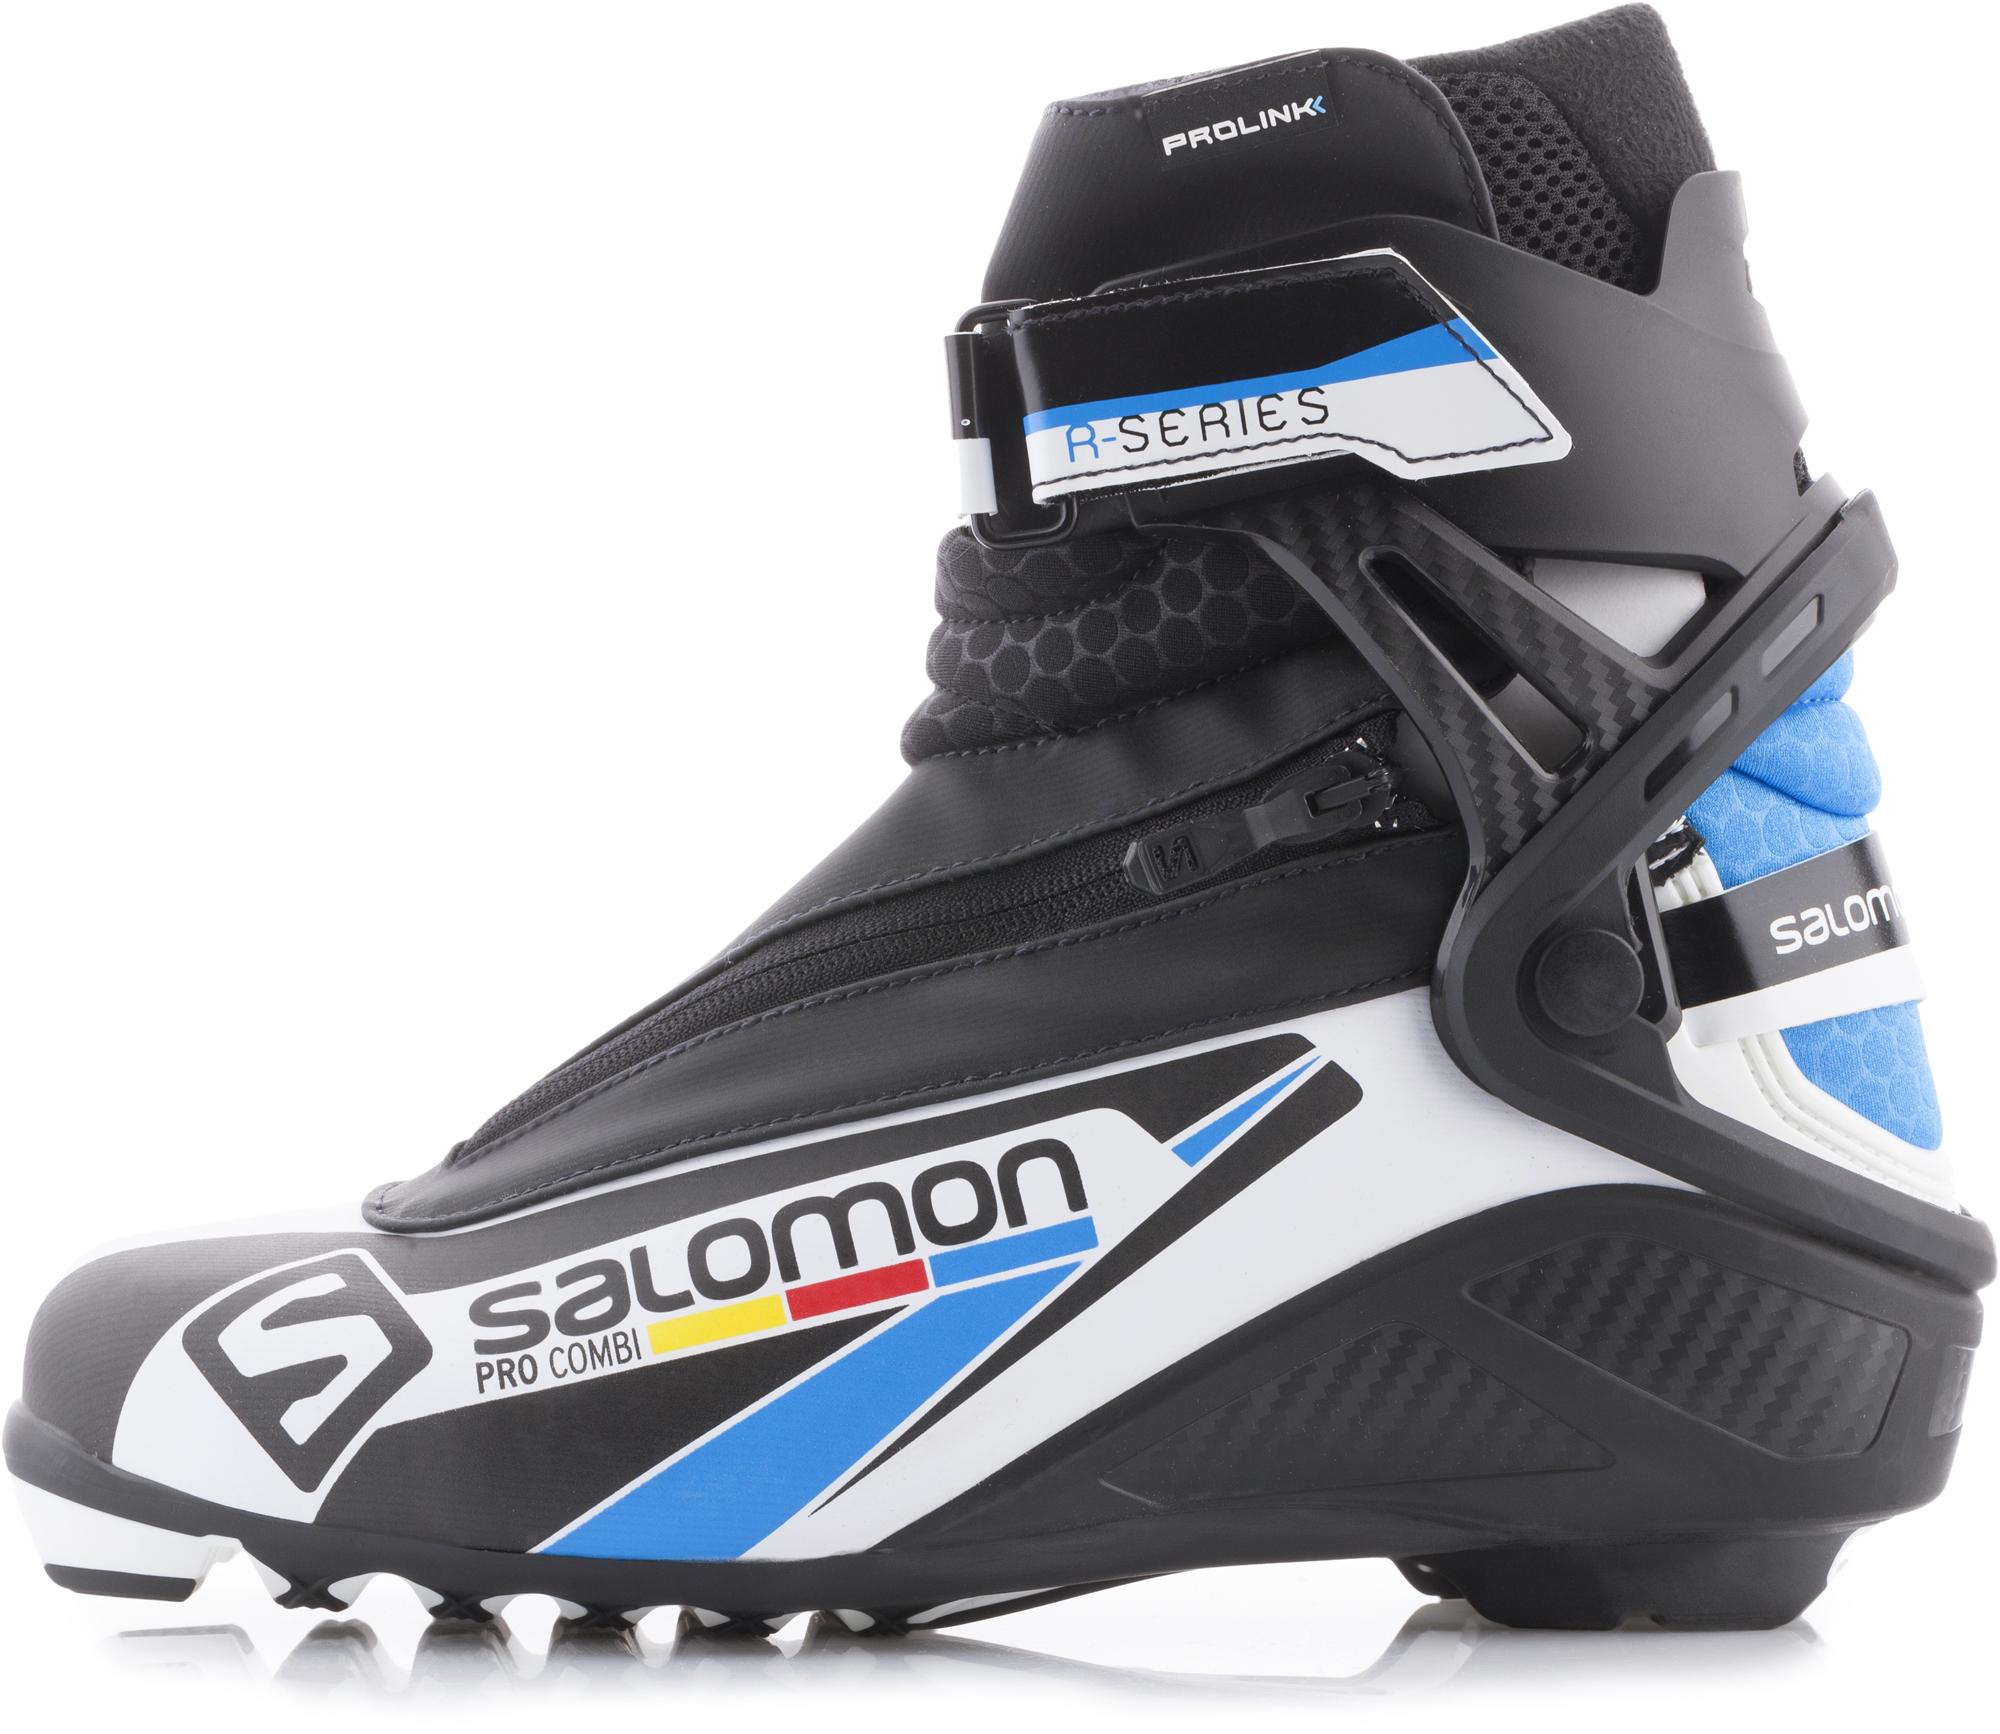 Salomon Ботинки для беговых лыж Salomon Pro Combi Prolink, размер 42 salomon ботинки для беговых лыж женские salomon siam 7 prolink